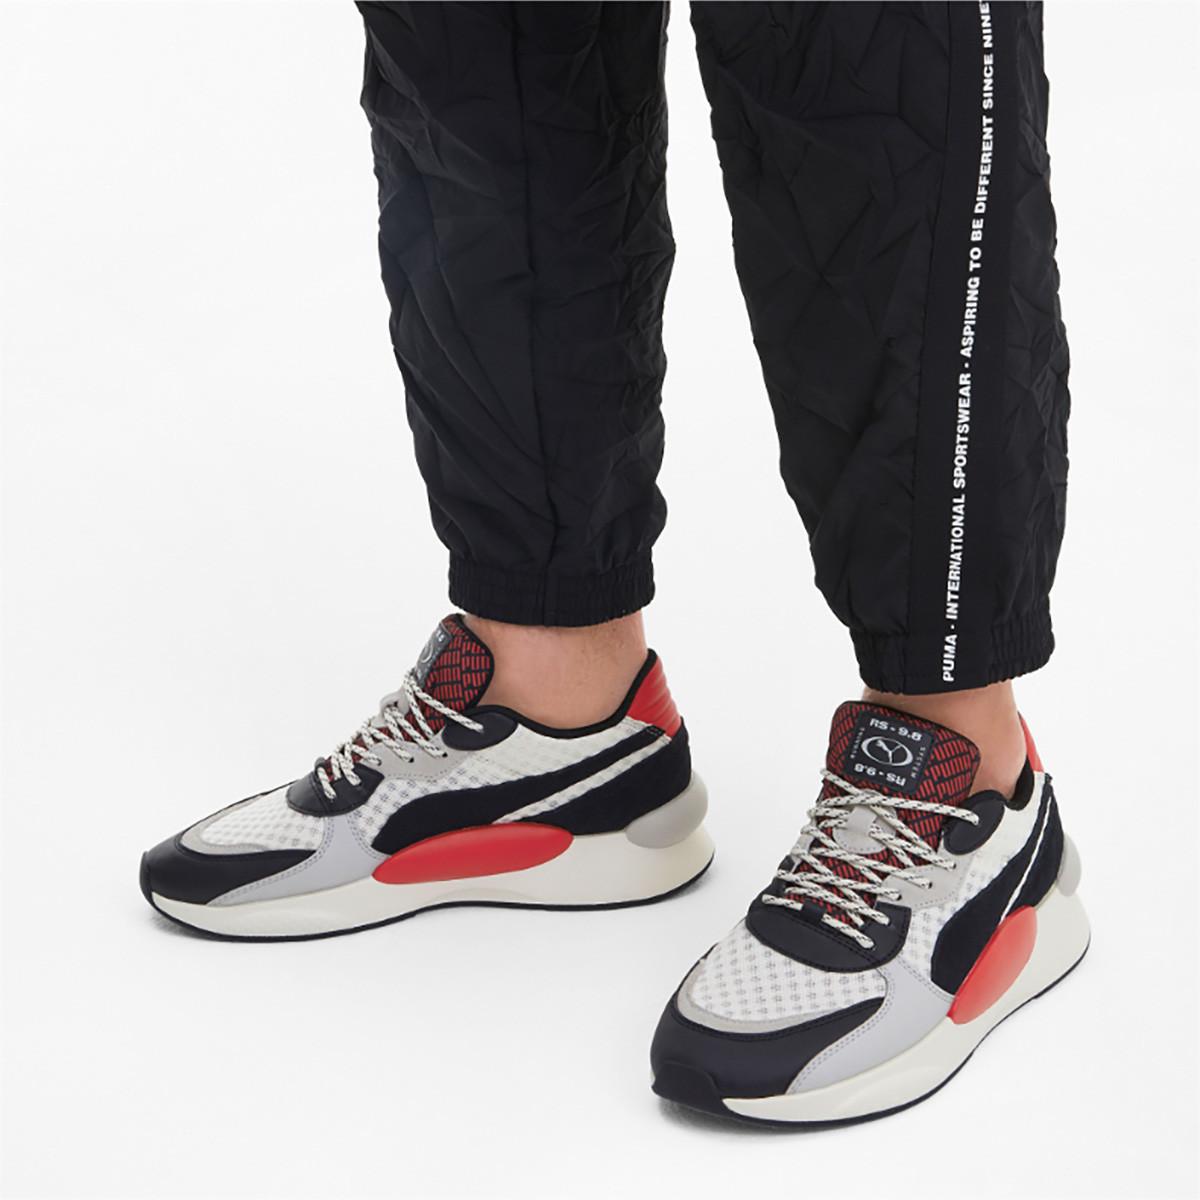 PUMA 彪马 37157204 男女运动鞋